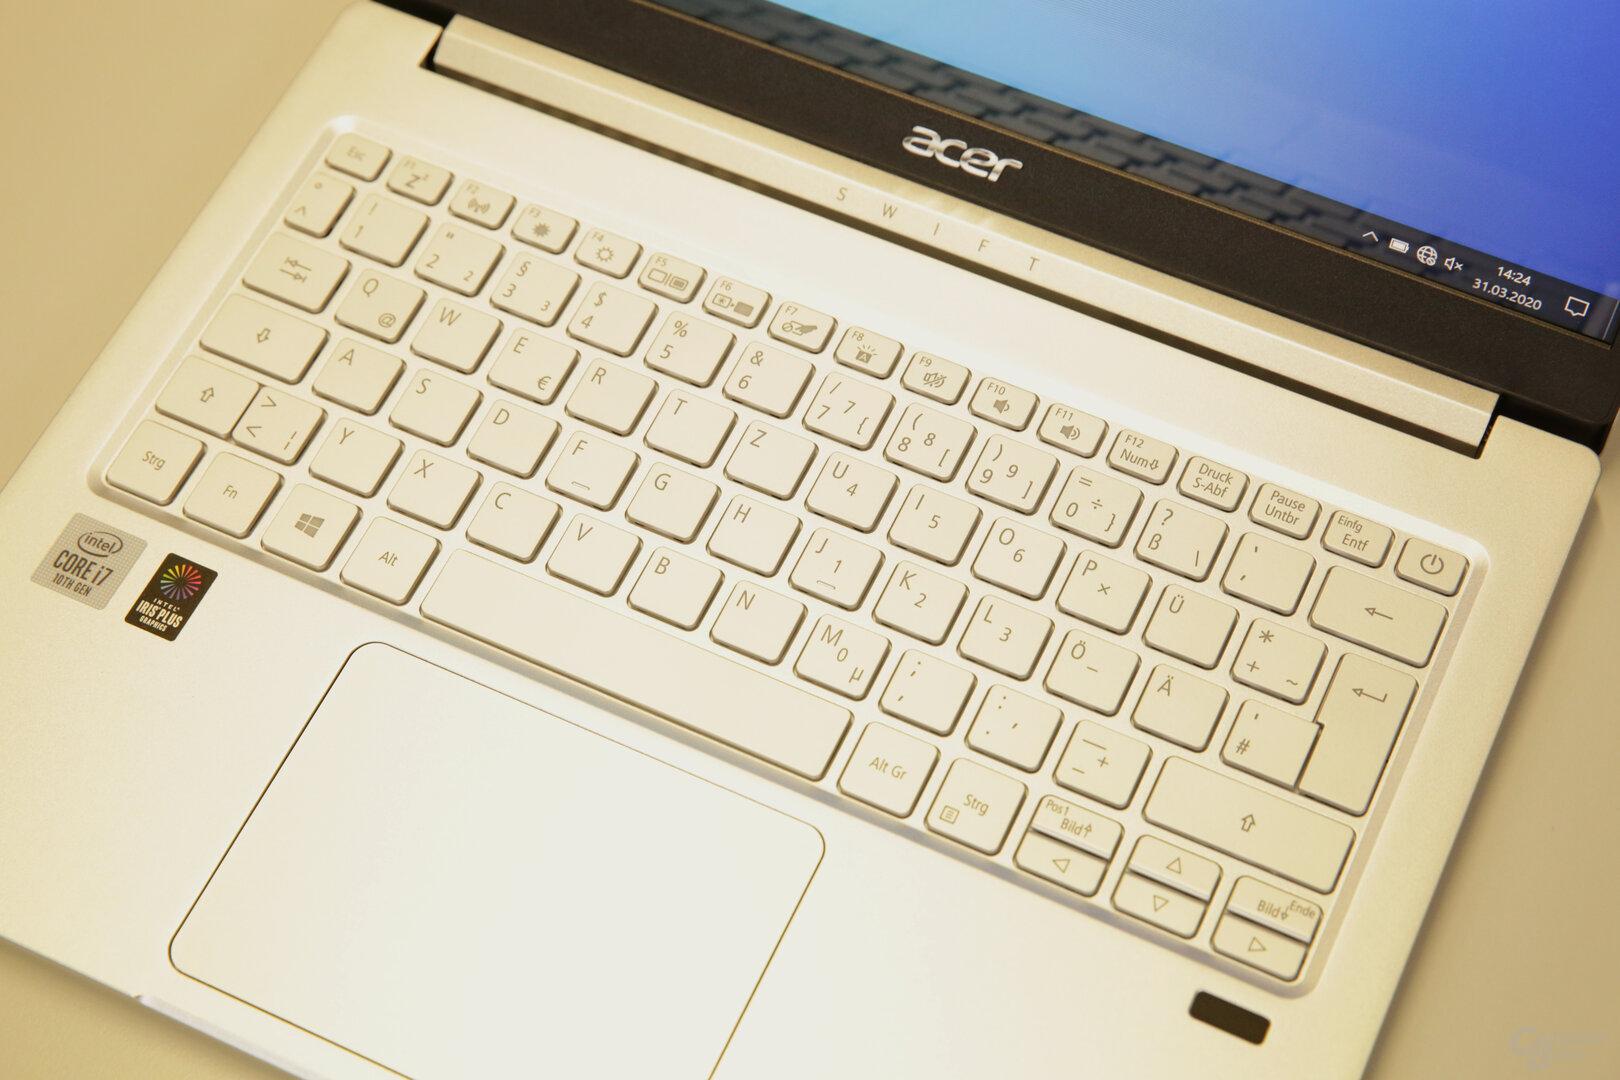 Hintergrundbeleuchtete Tastatur mit großem und präzisem Touchpad